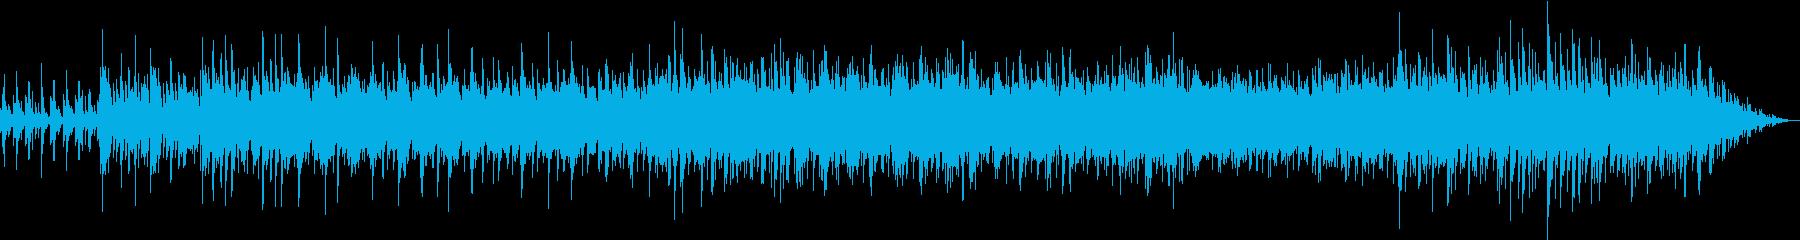 出会いと別れの情景ピアノメロディーの再生済みの波形